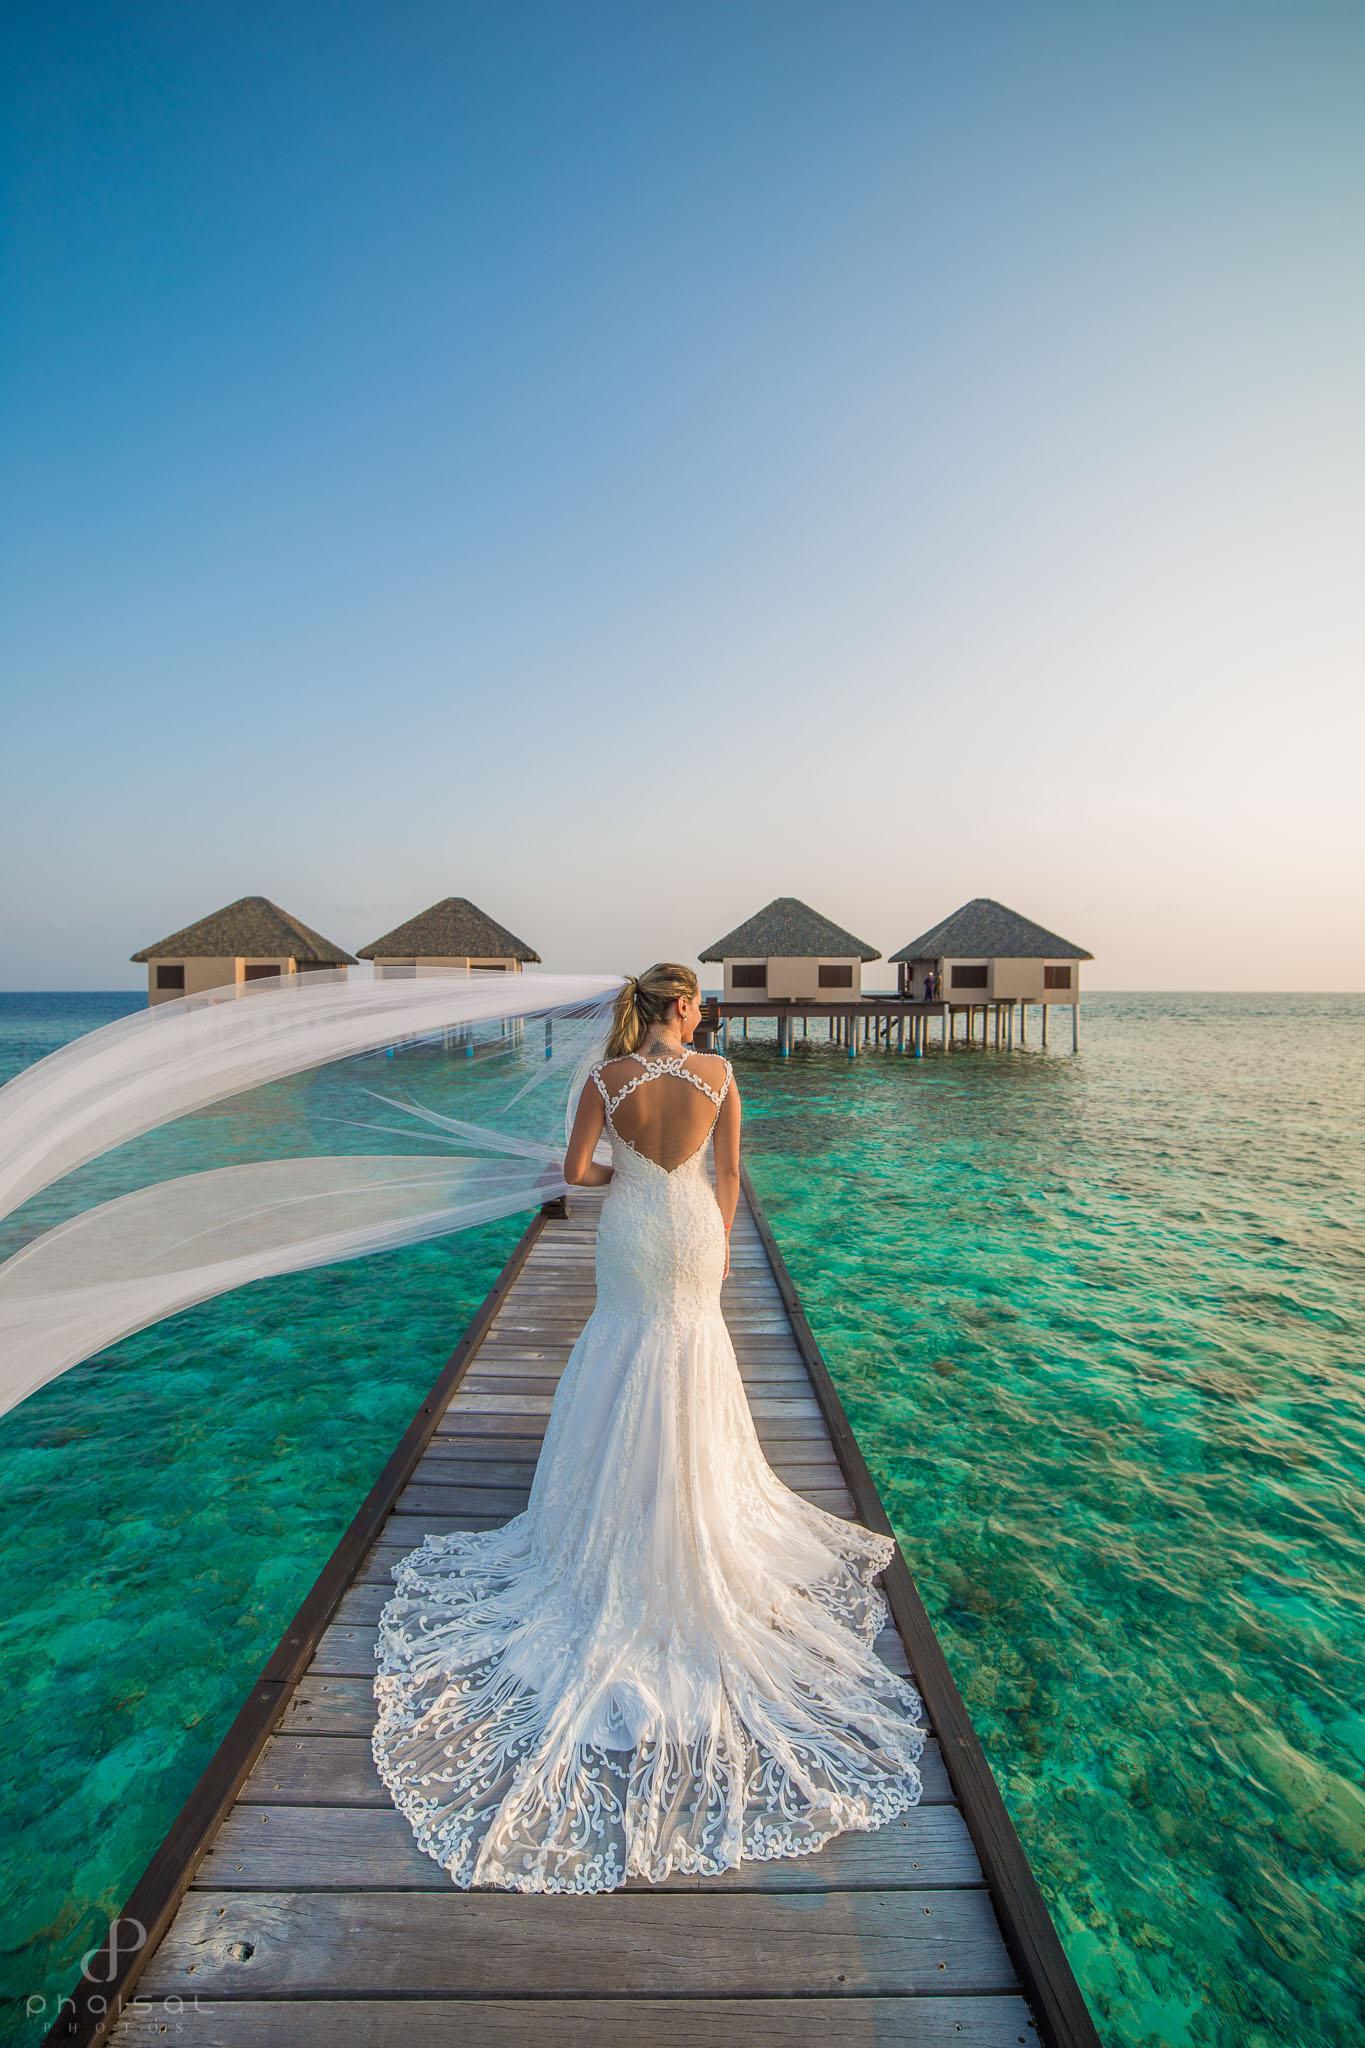 Пожелания невестке в день свадьбы карта старокорсунской